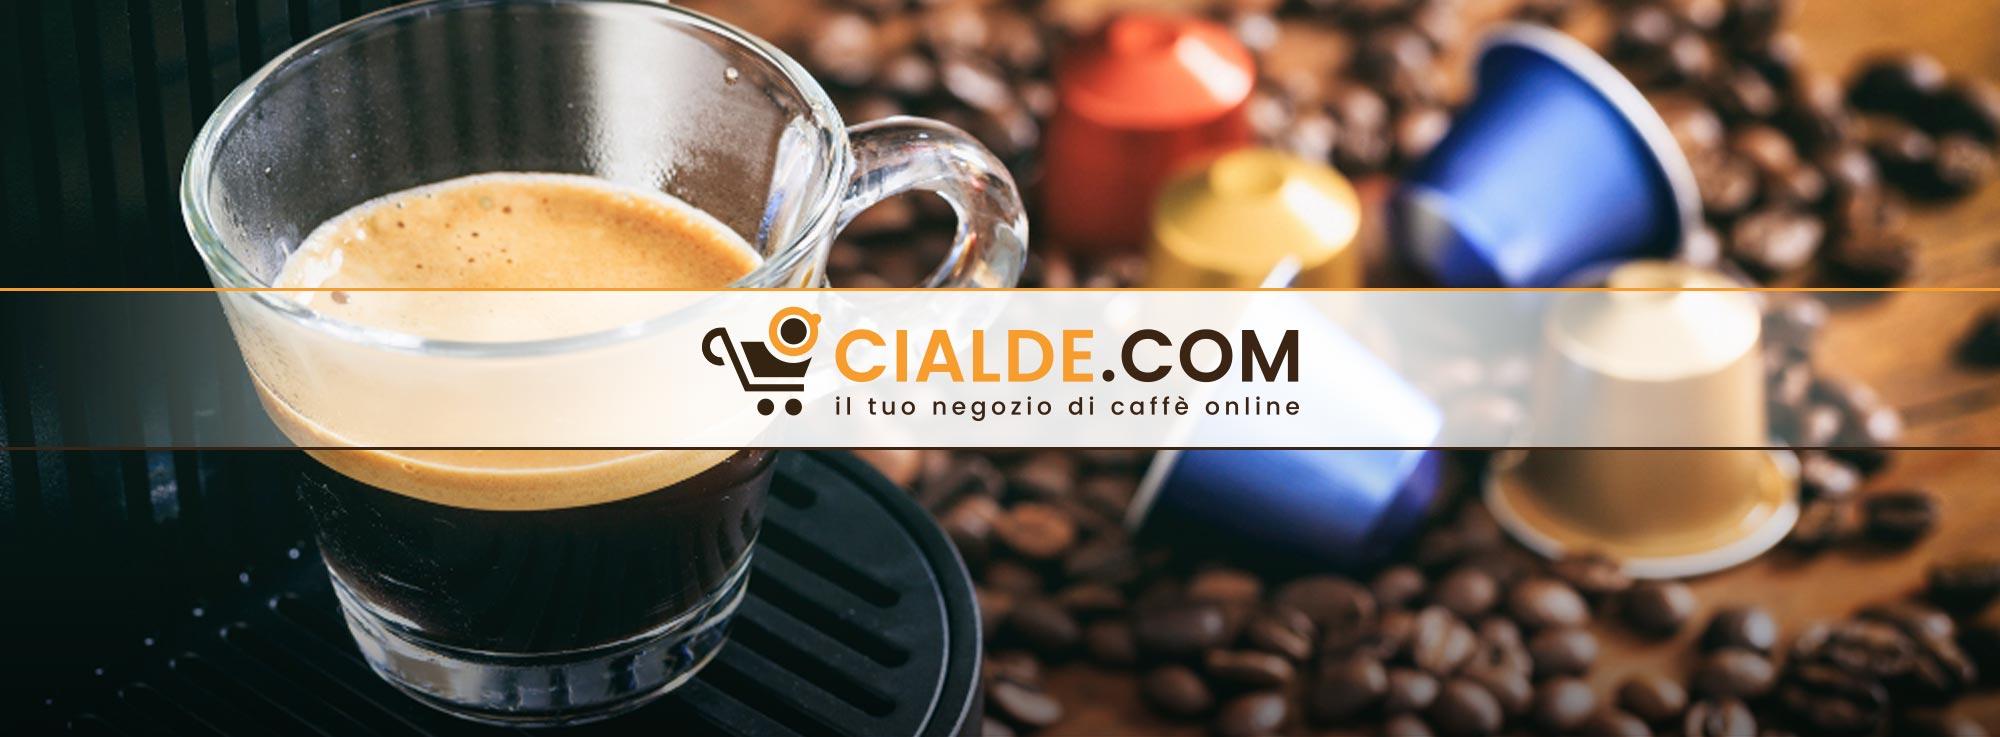 Cialde.com